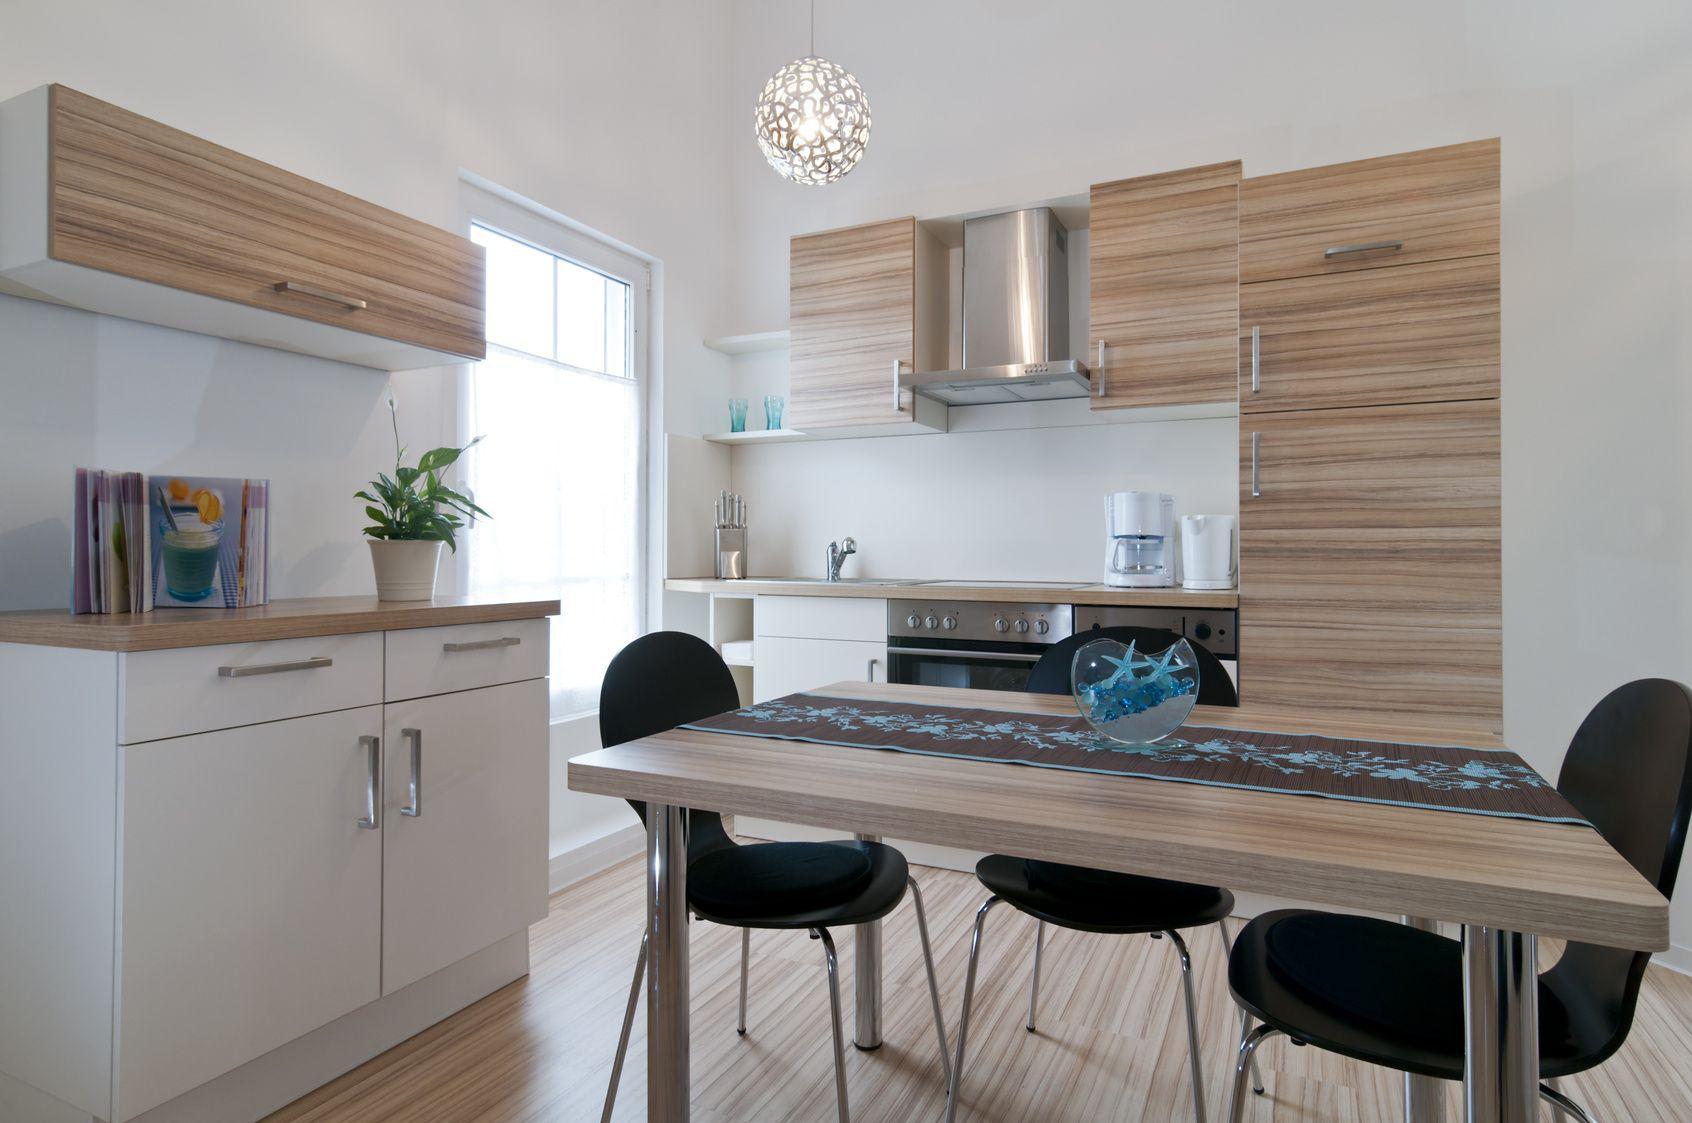 klassische offene wohnk che holzk chen pinterest holz offene wohnk che und kuchen. Black Bedroom Furniture Sets. Home Design Ideas